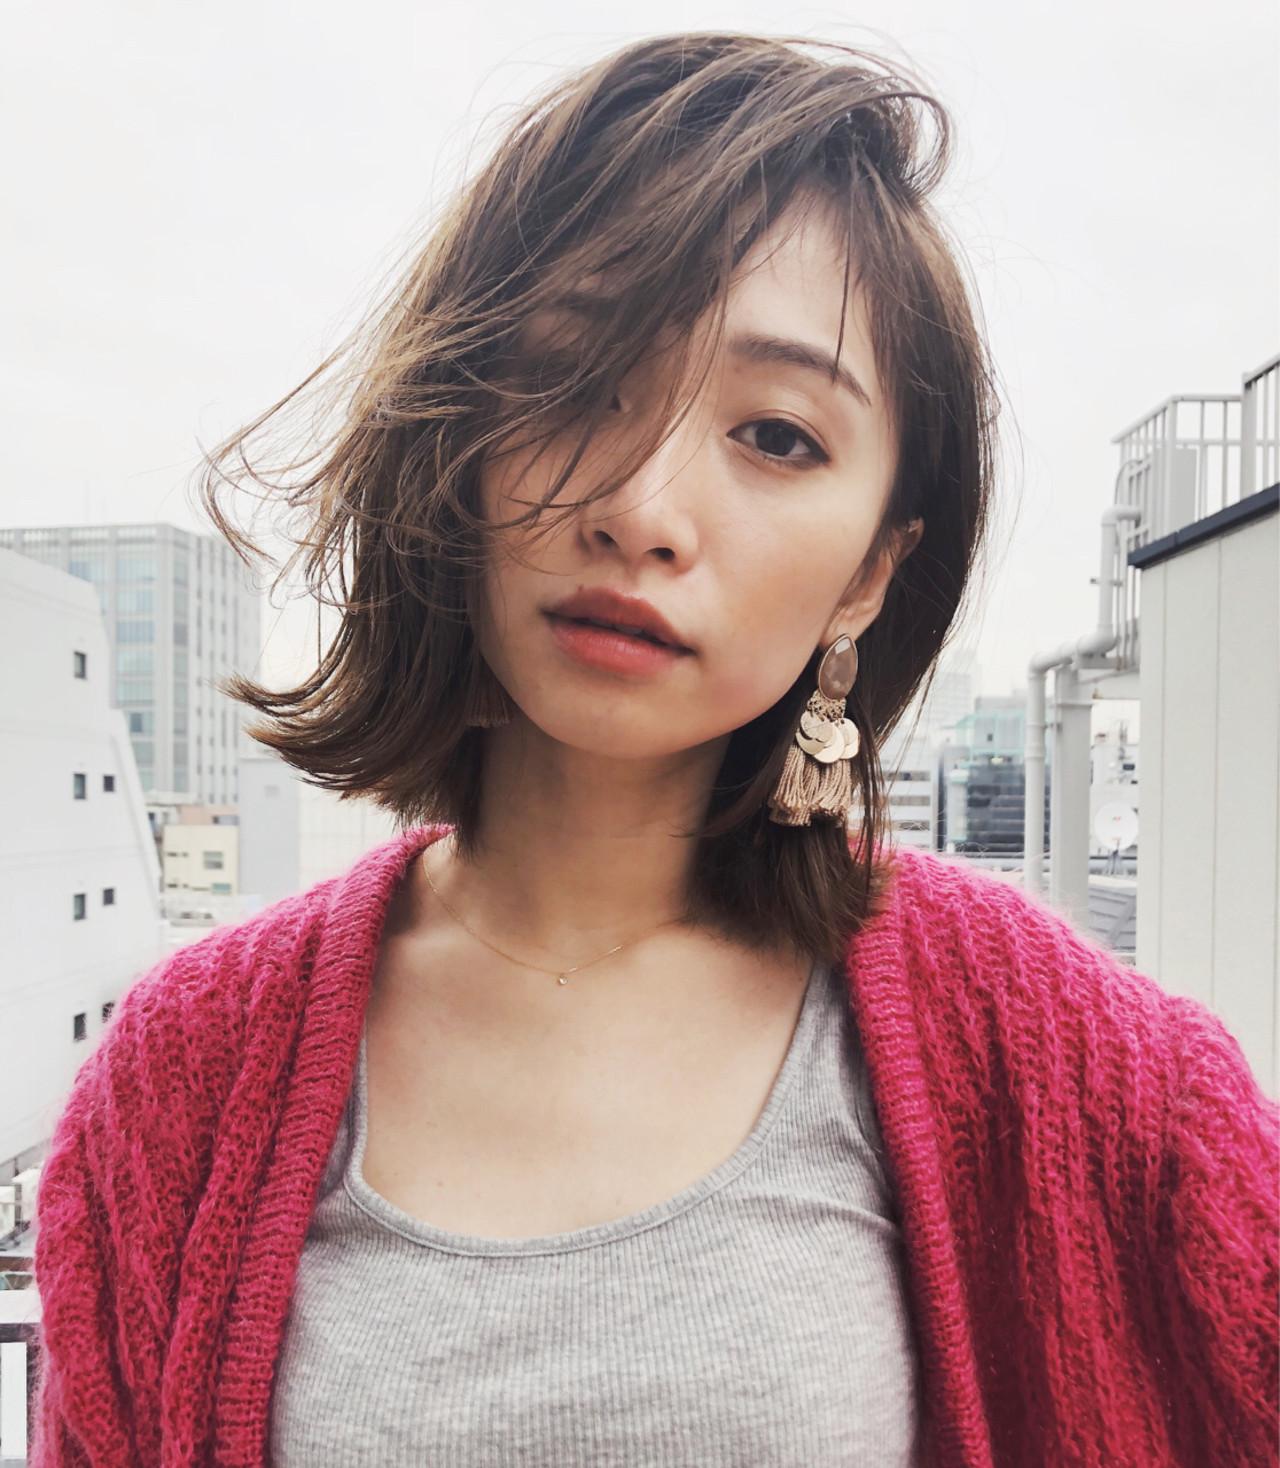 黒髪 ボブ ナチュラル 暗髪 ヘアスタイルや髪型の写真・画像 | 磯田 基徳 / siki